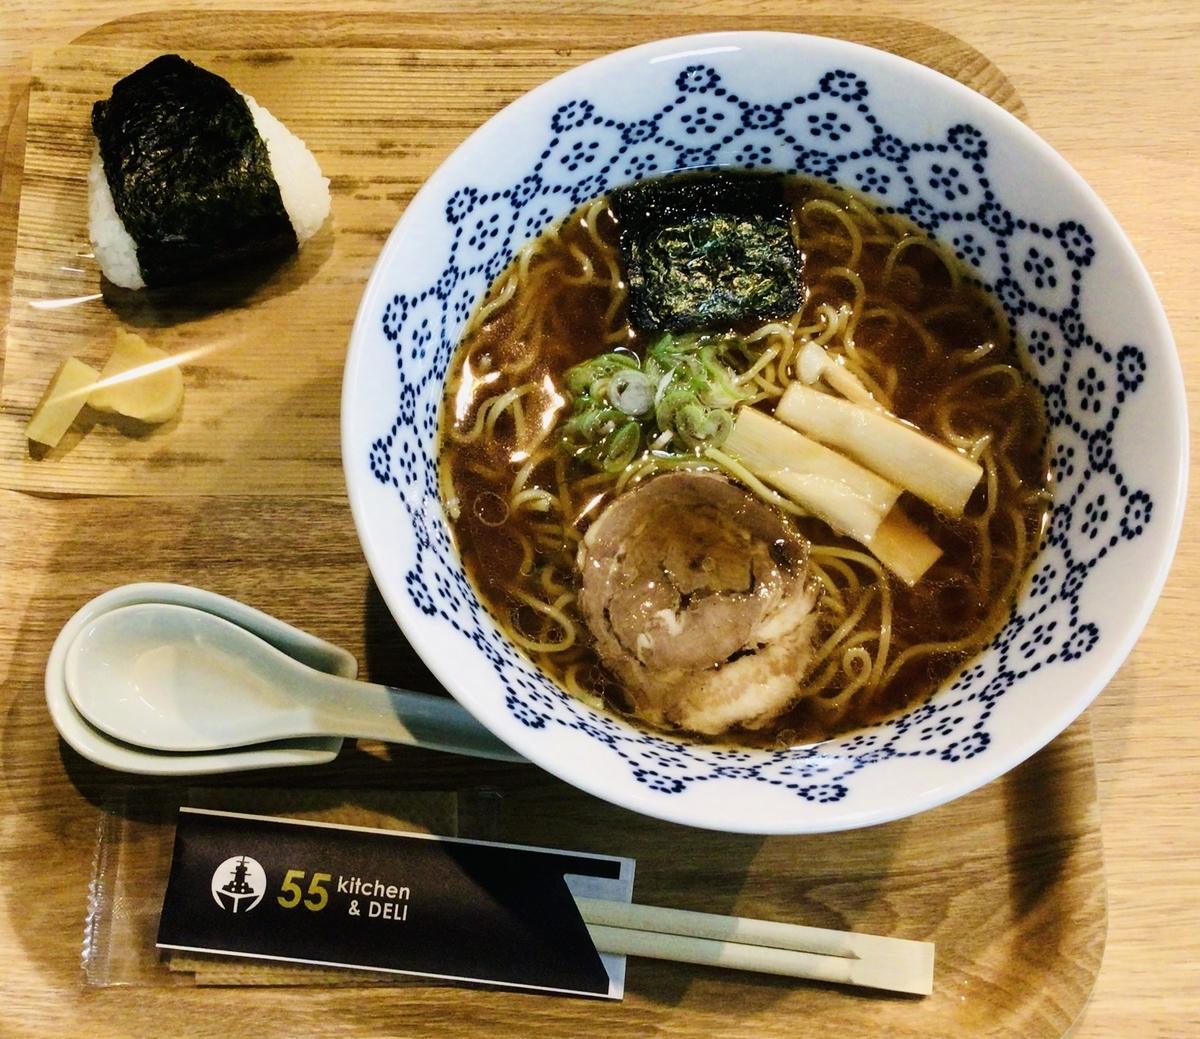 f:id:yumeusagiyukiusagi:20201127095434j:plain